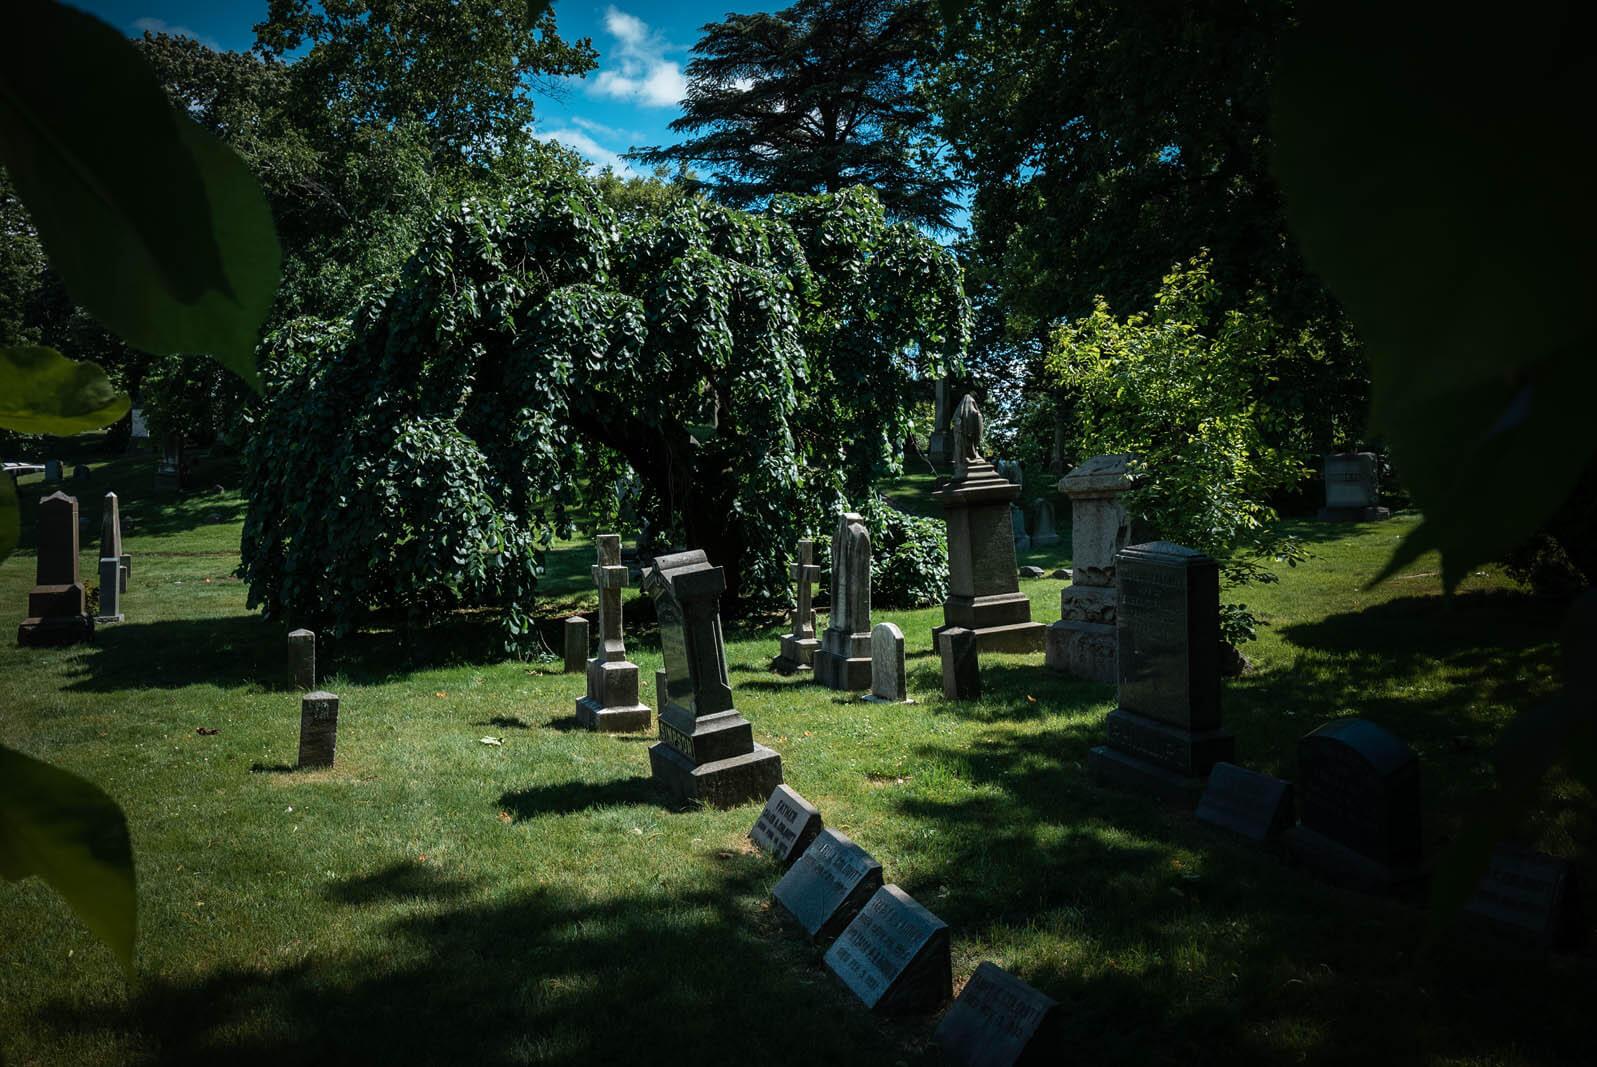 Camperdown Elm at Greenwood Cemetery in Brooklyn